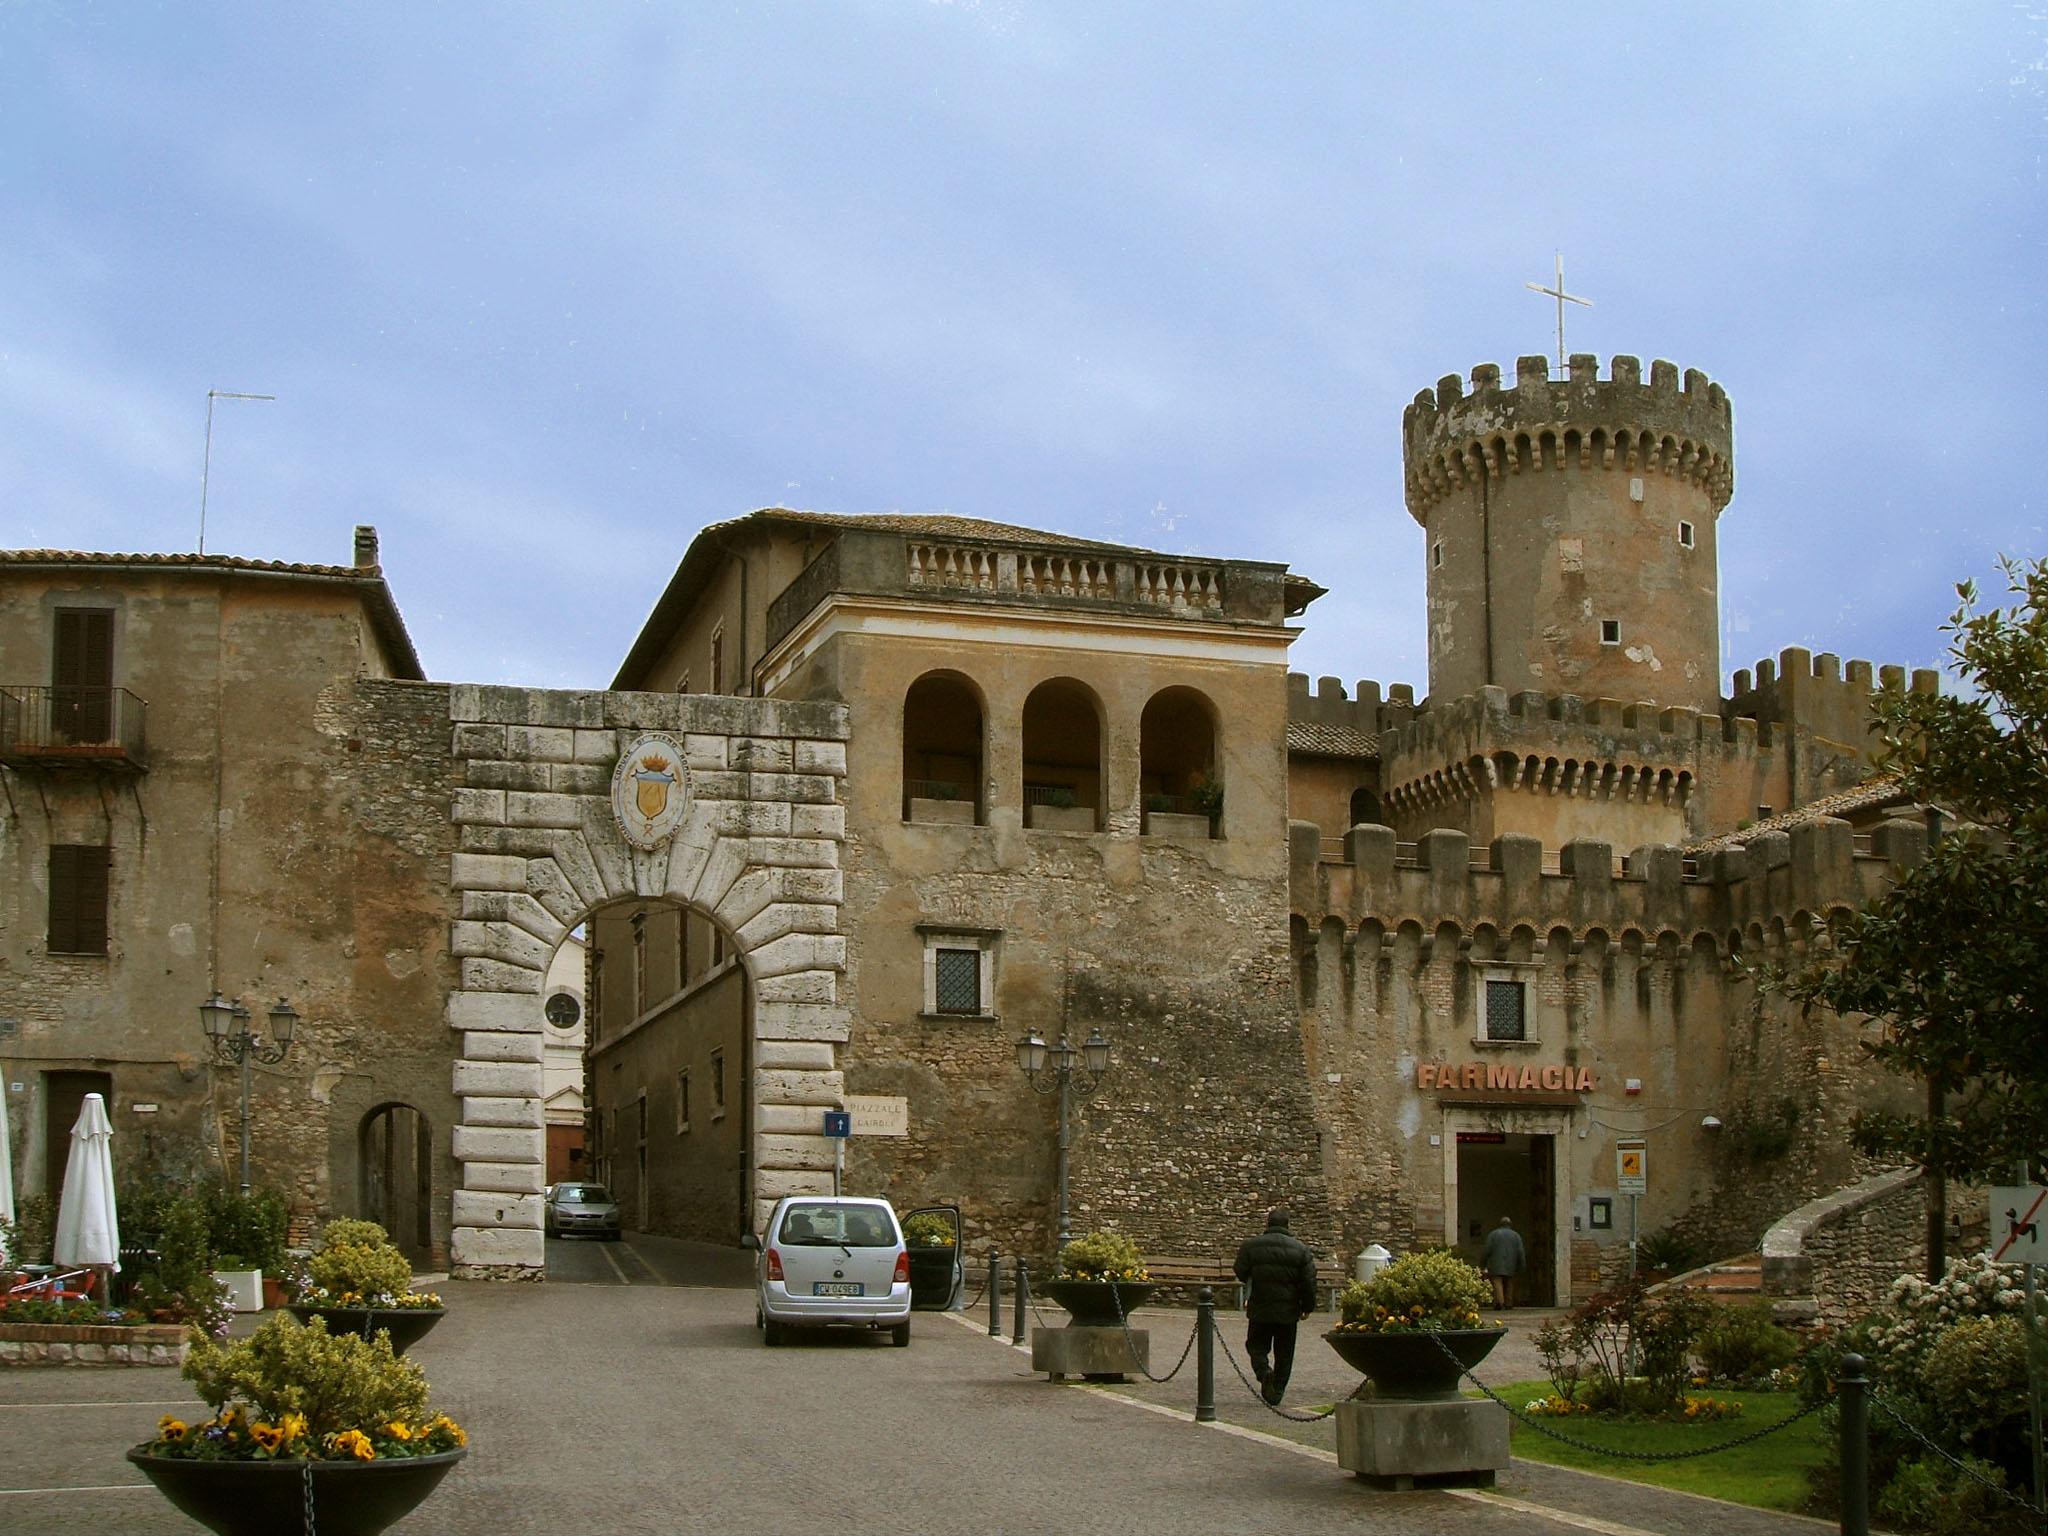 Fiano Romano Italy  city images : 080326027 Fiano Romano Wikipedia